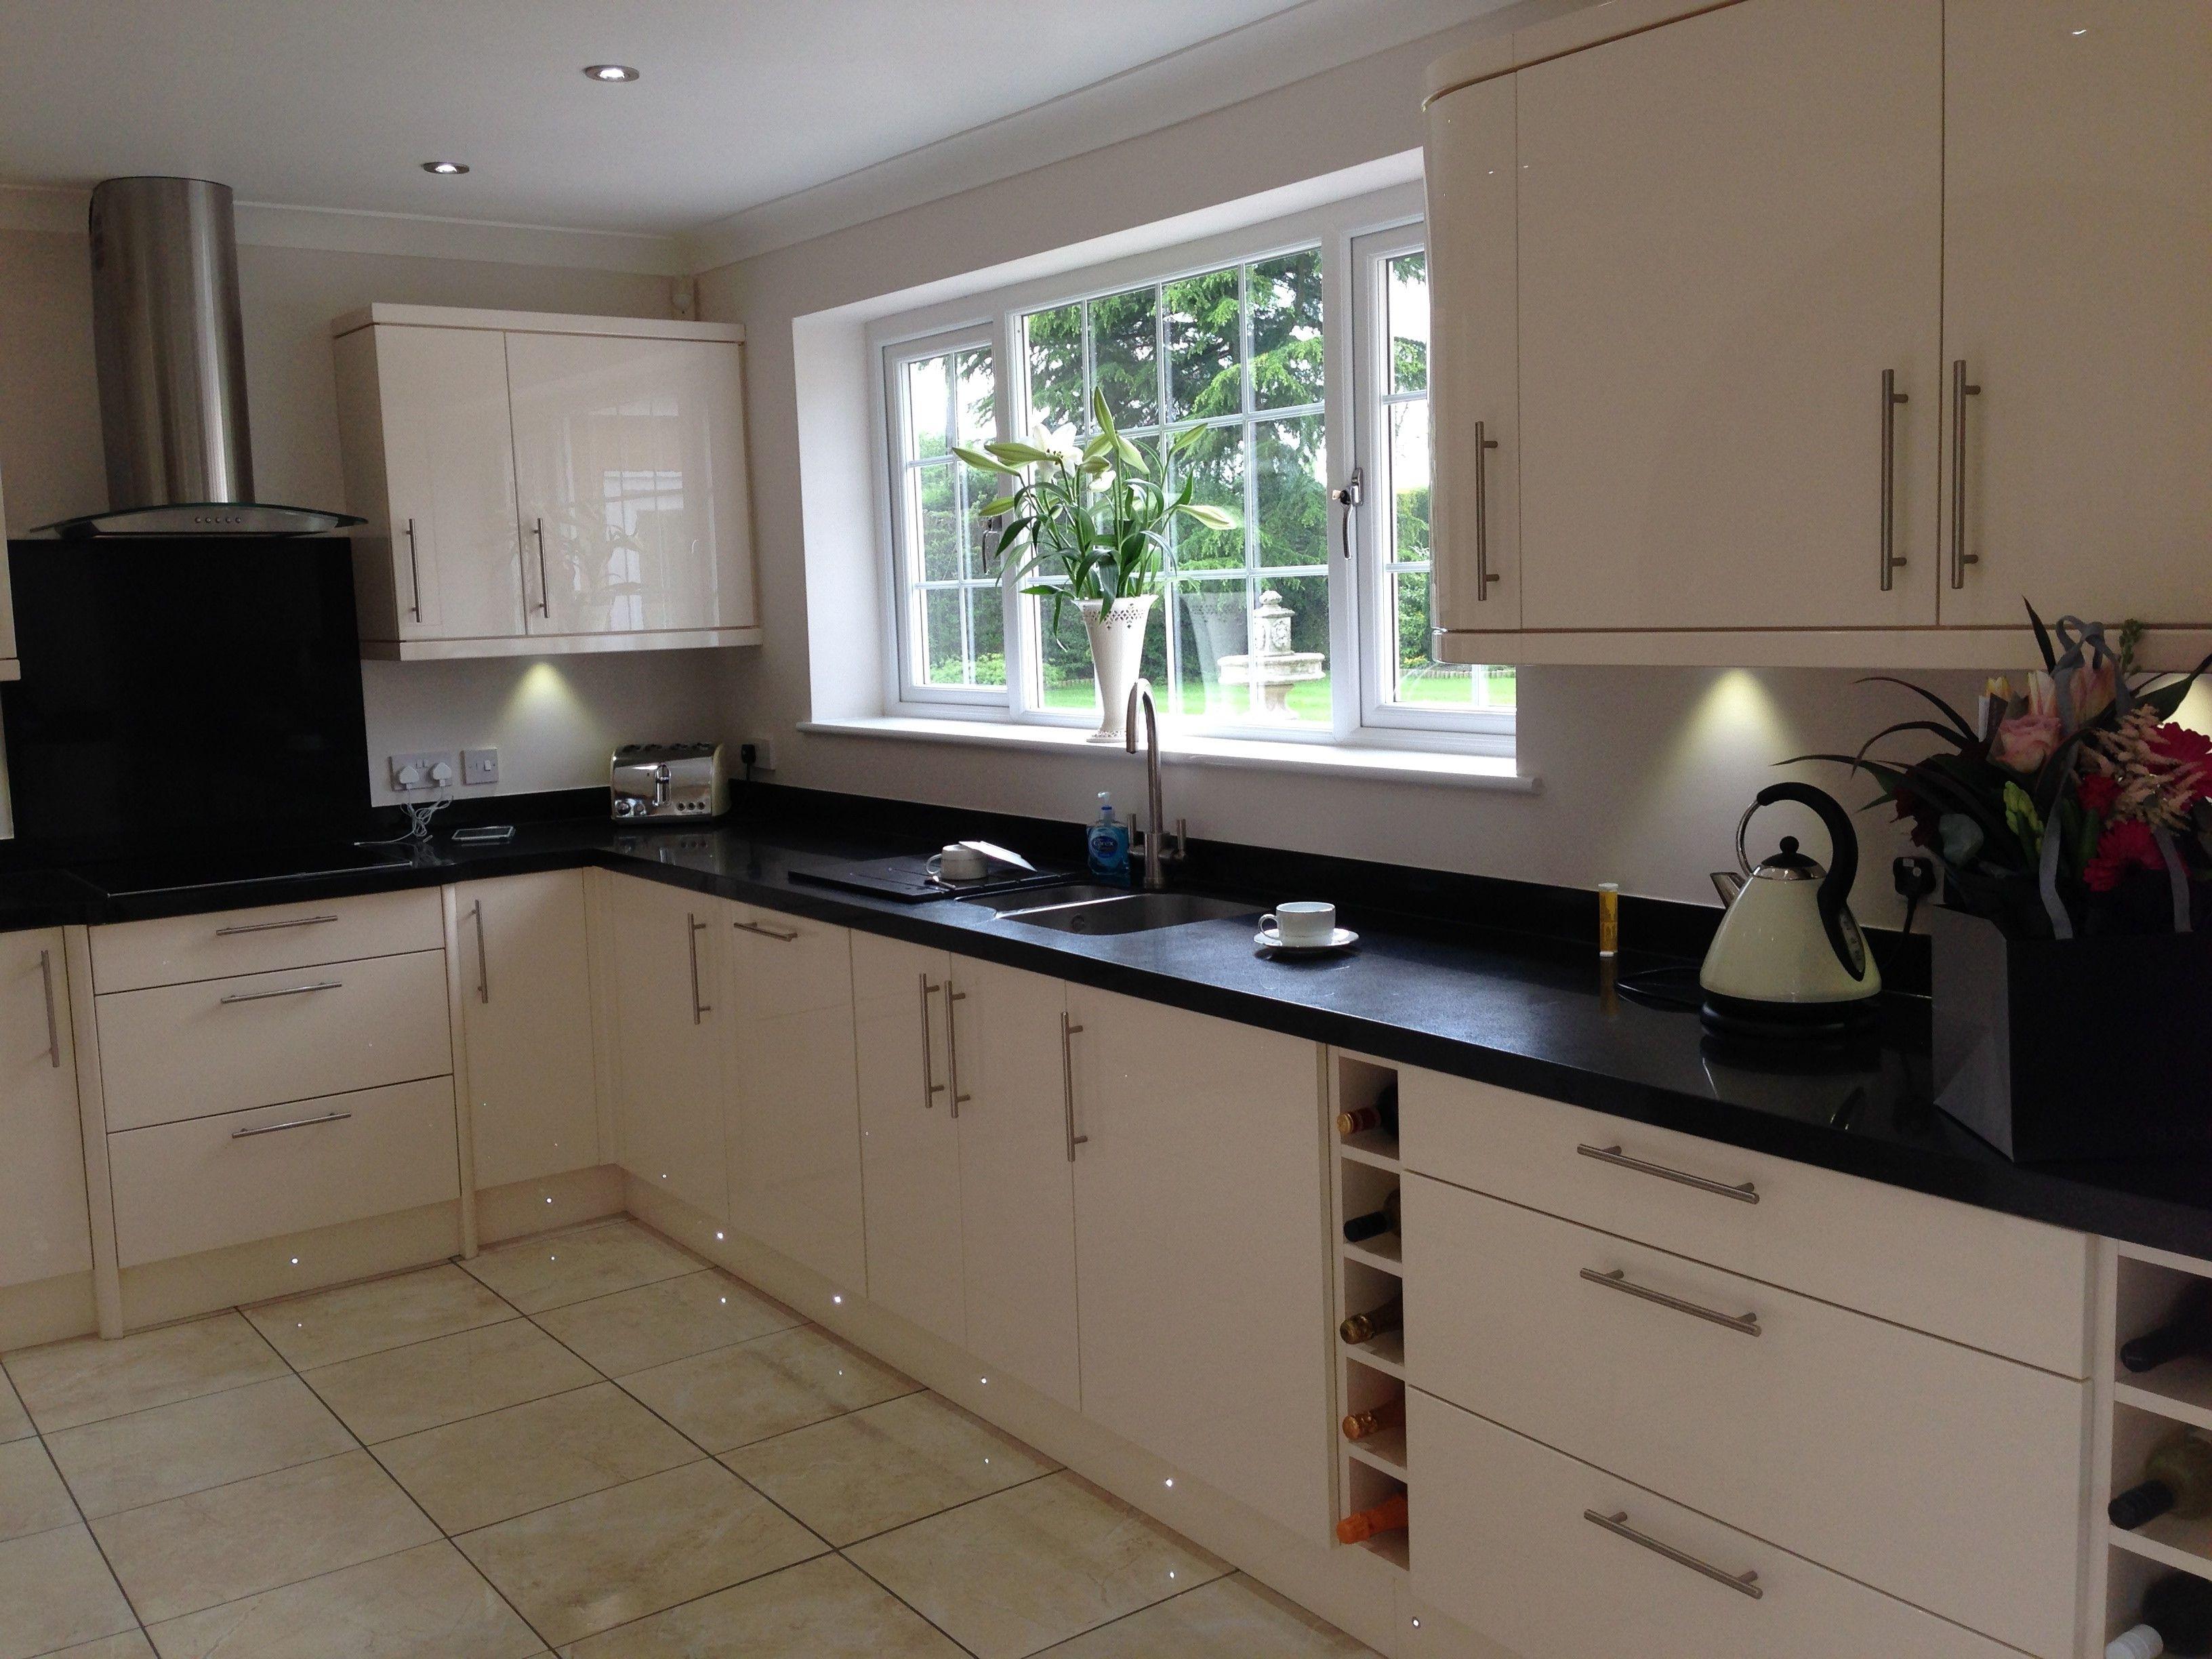 Ersetzen Küchenschrank Türen  Küchenschranktüren, Schrank küche